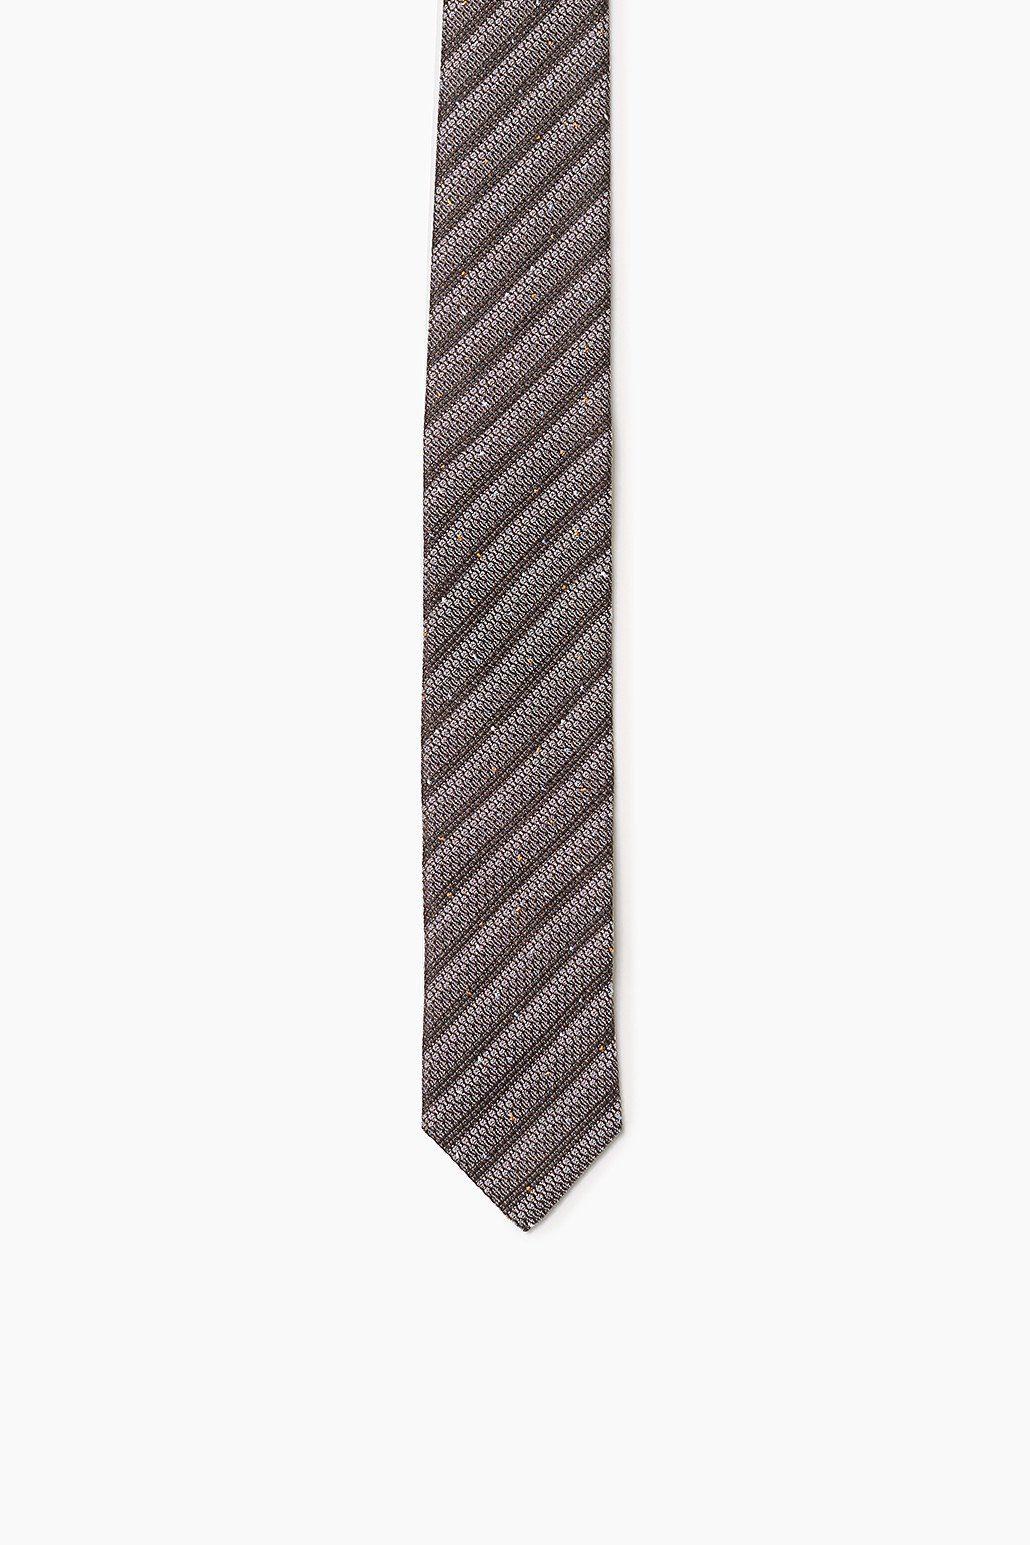 ESPRIT COLLECTION Krawatte mit Strukturstreifen, 100% Seide